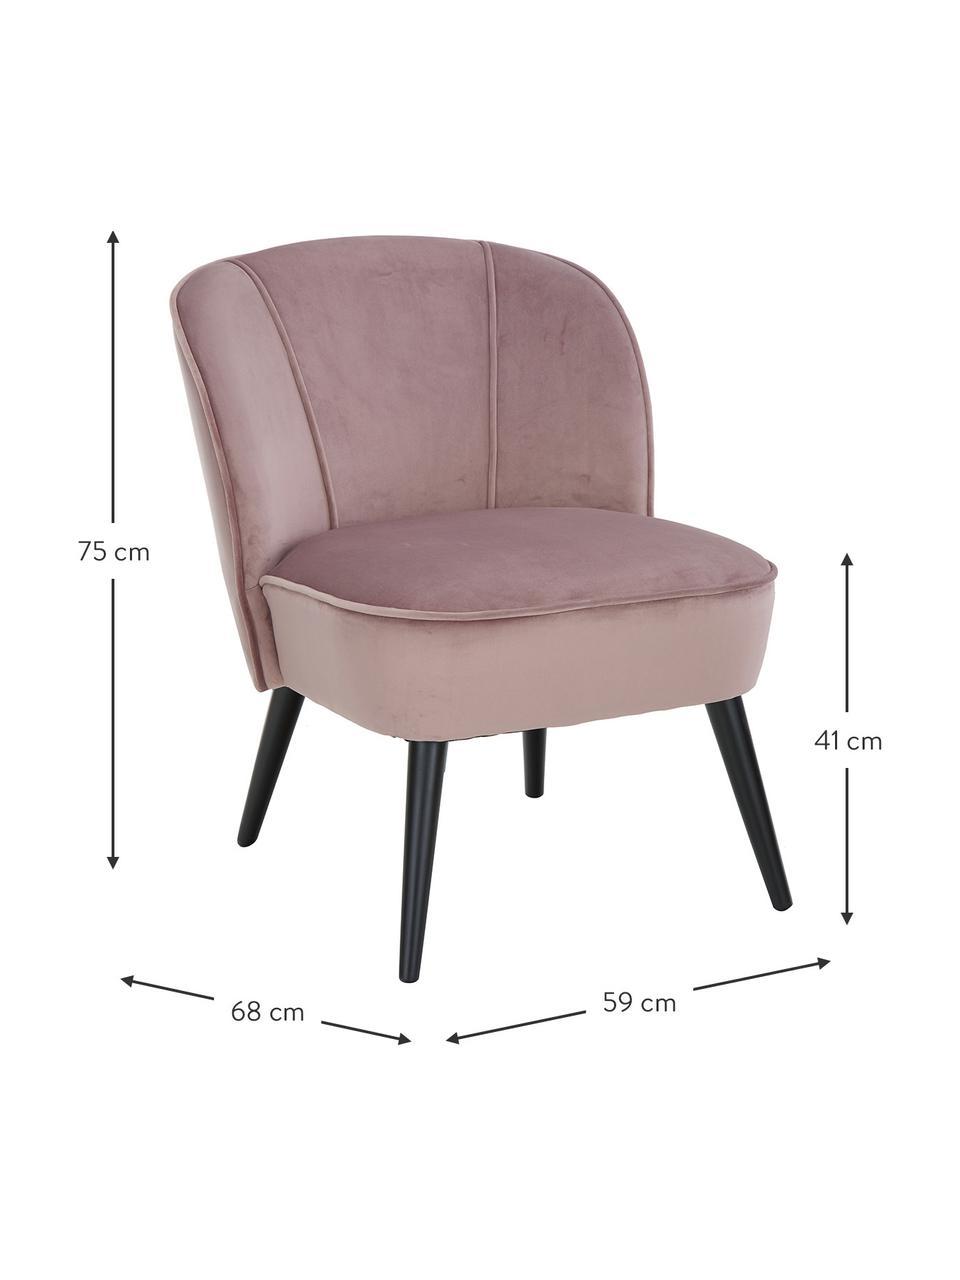 Fotel koktajlowy z aksamitu Lucky, Tapicerka: aksamit (poliester) Dzięk, Nogi: drewno kauczukowe, lakier, Aksamitny brudny różowy, S 59 x G 68 cm